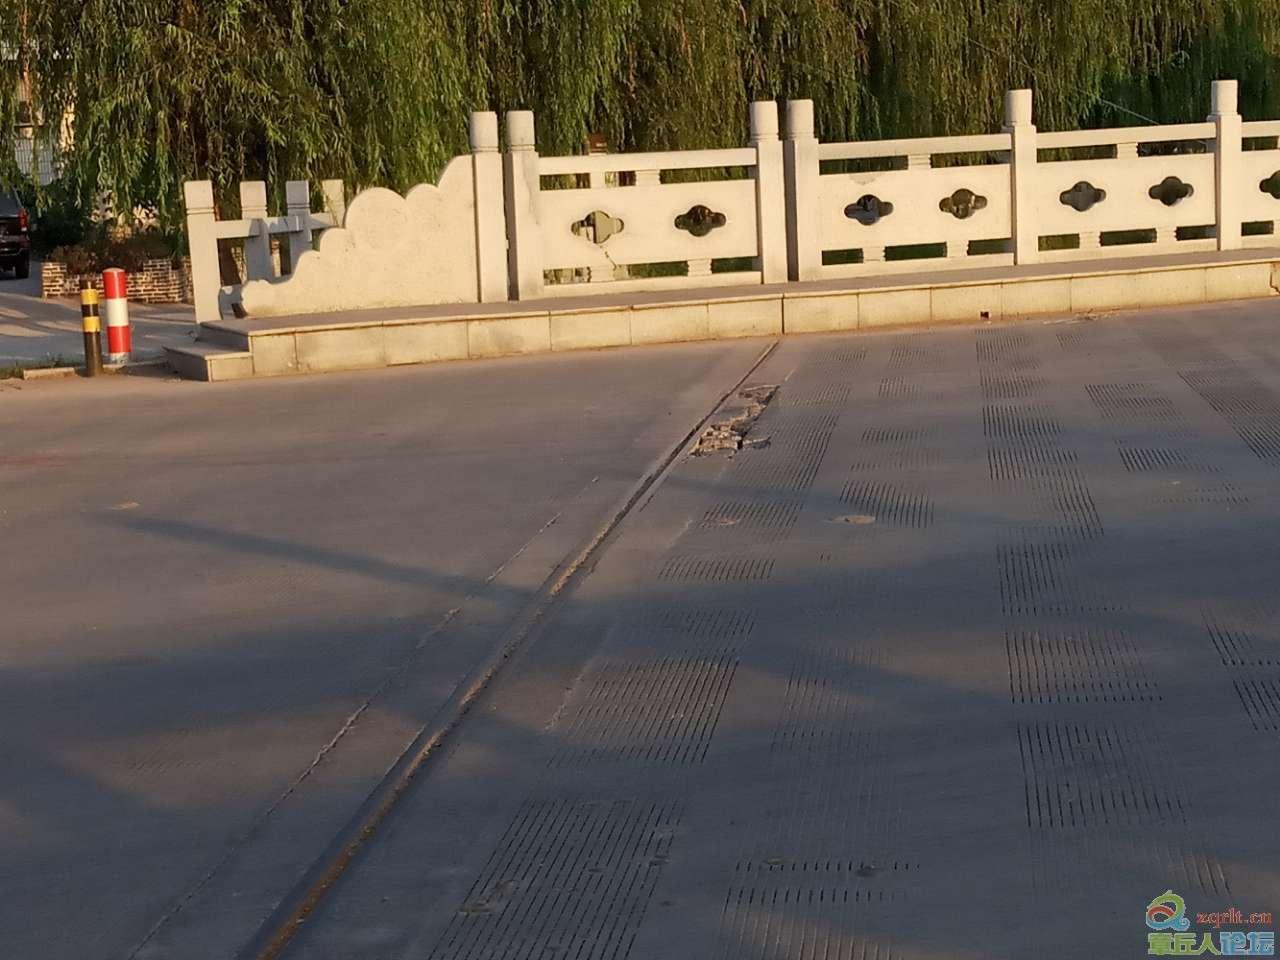 相公大桥路面缺损,有安全隐患,到底谁来修?